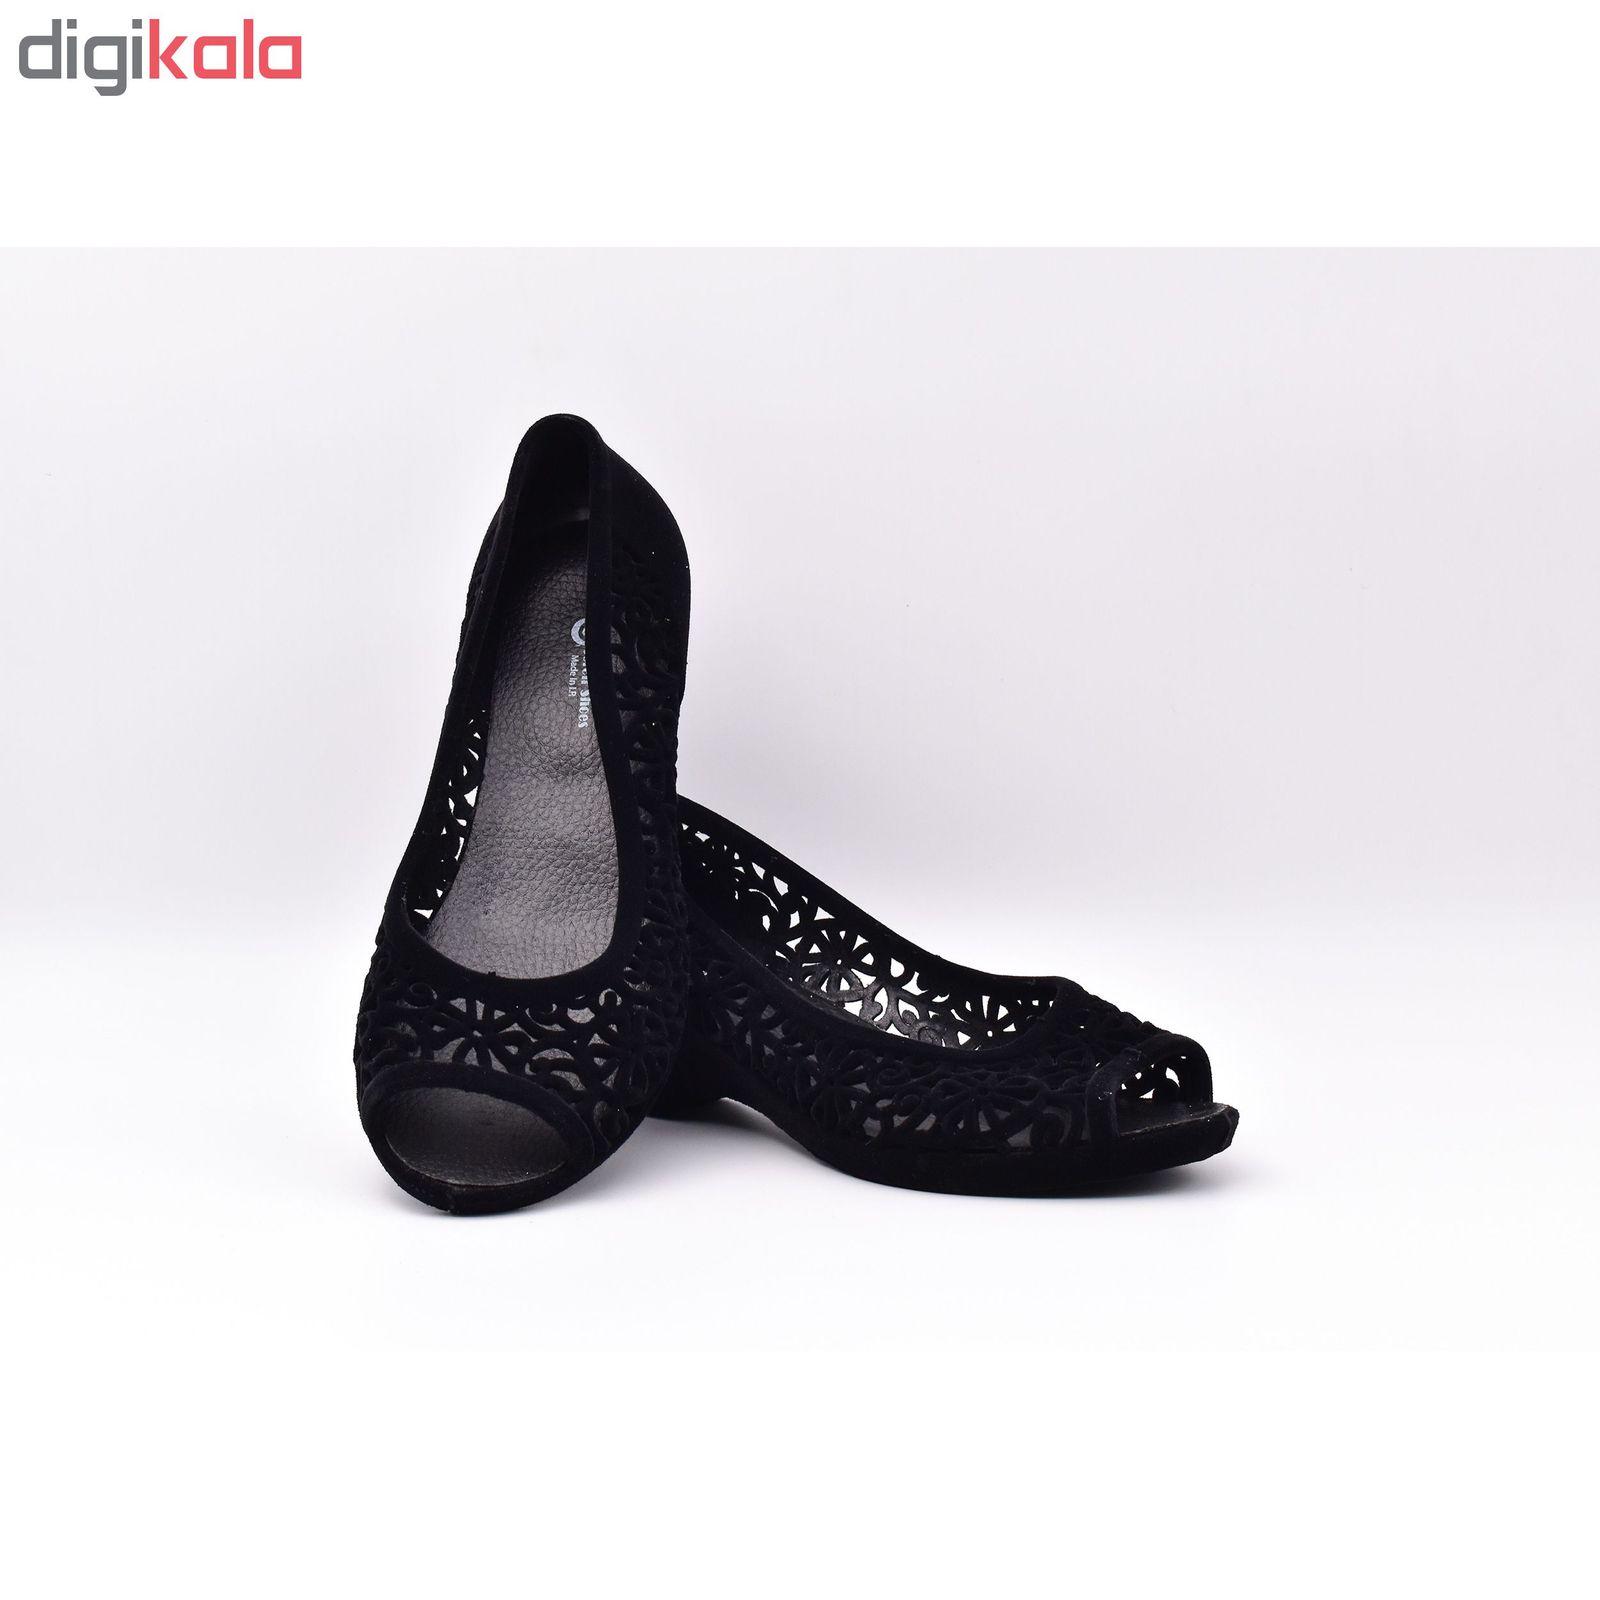 صندل زنانه کفش سورن مدل توران کد 5749 main 1 4